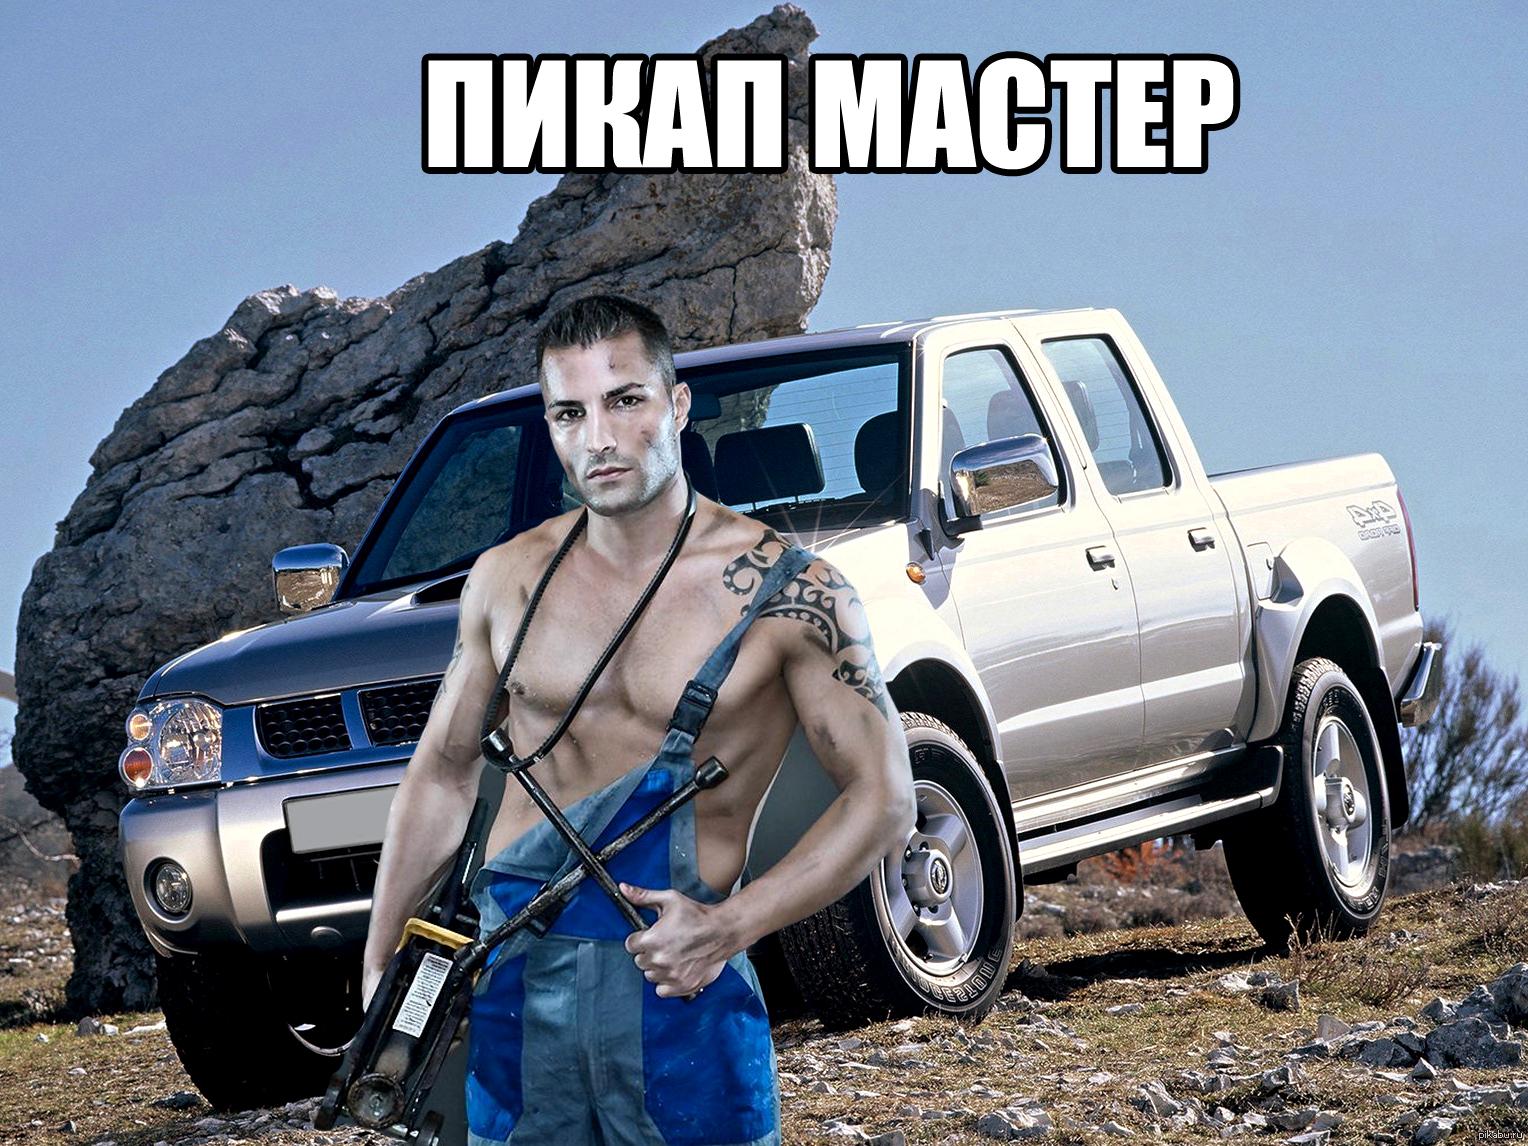 uzbechka-trahaetsya-video